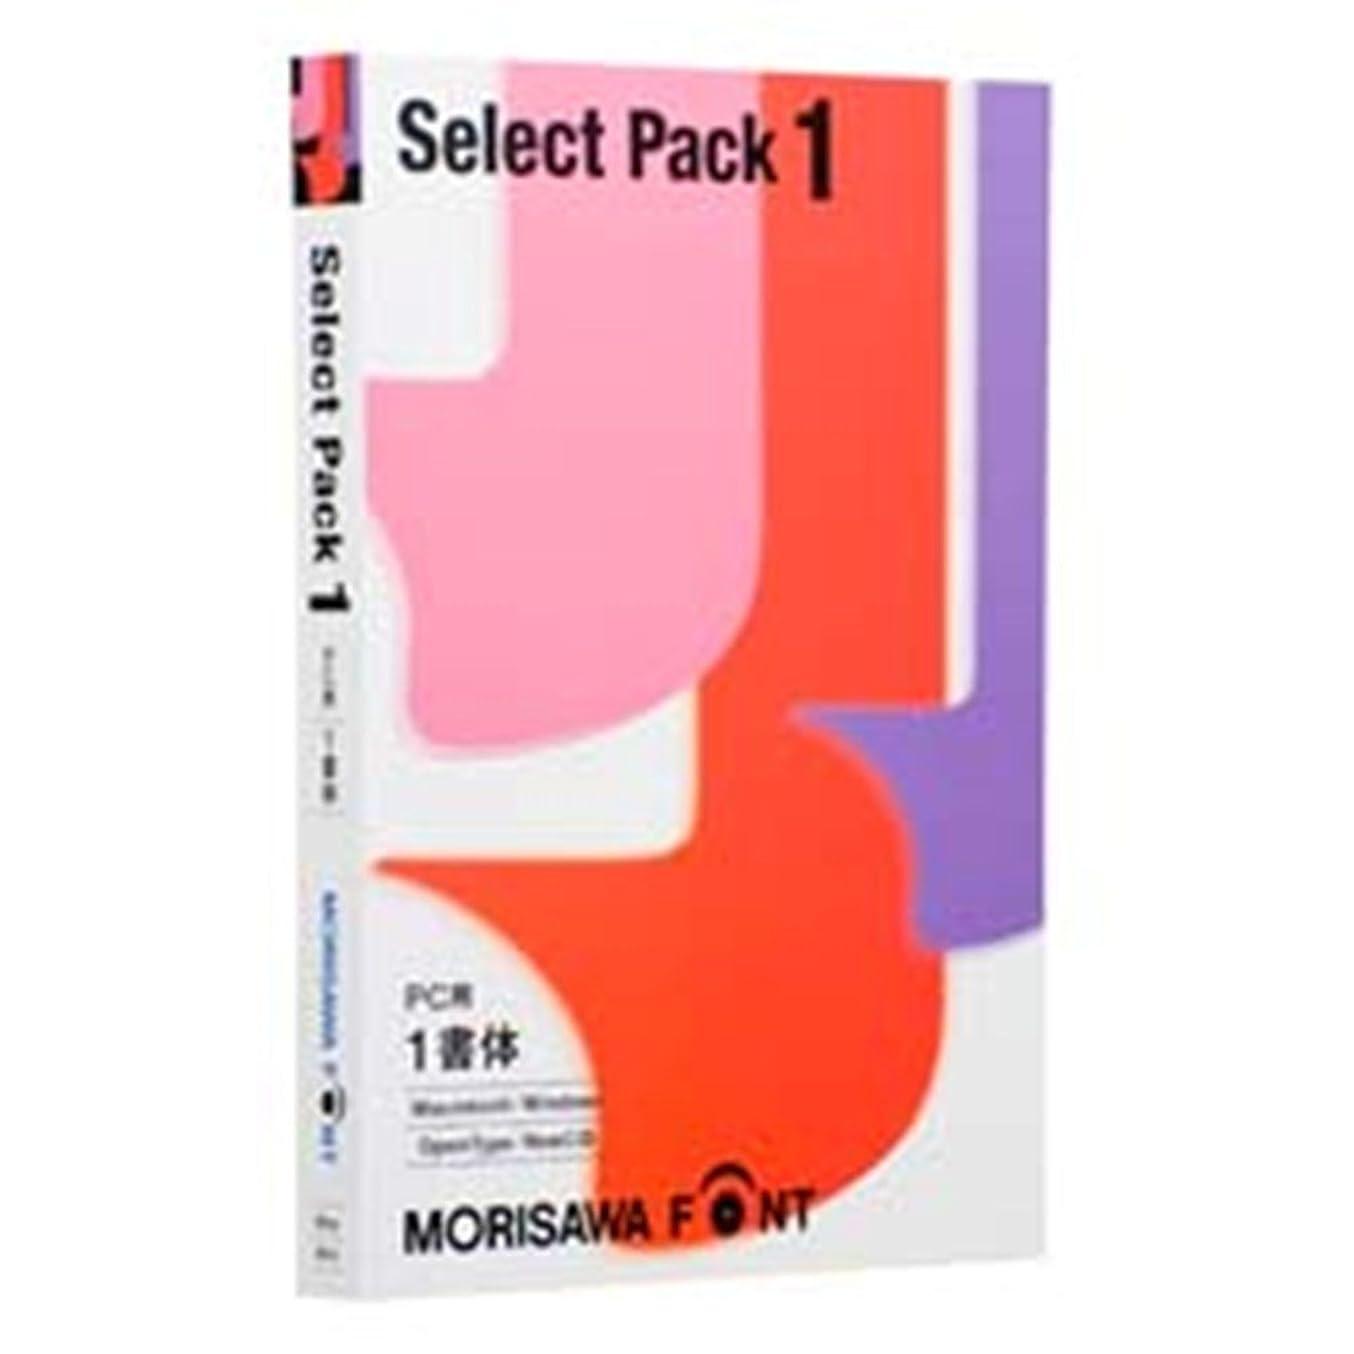 熱狂的な路地解釈MORISAWA Font Select Pack 1 [PC用]